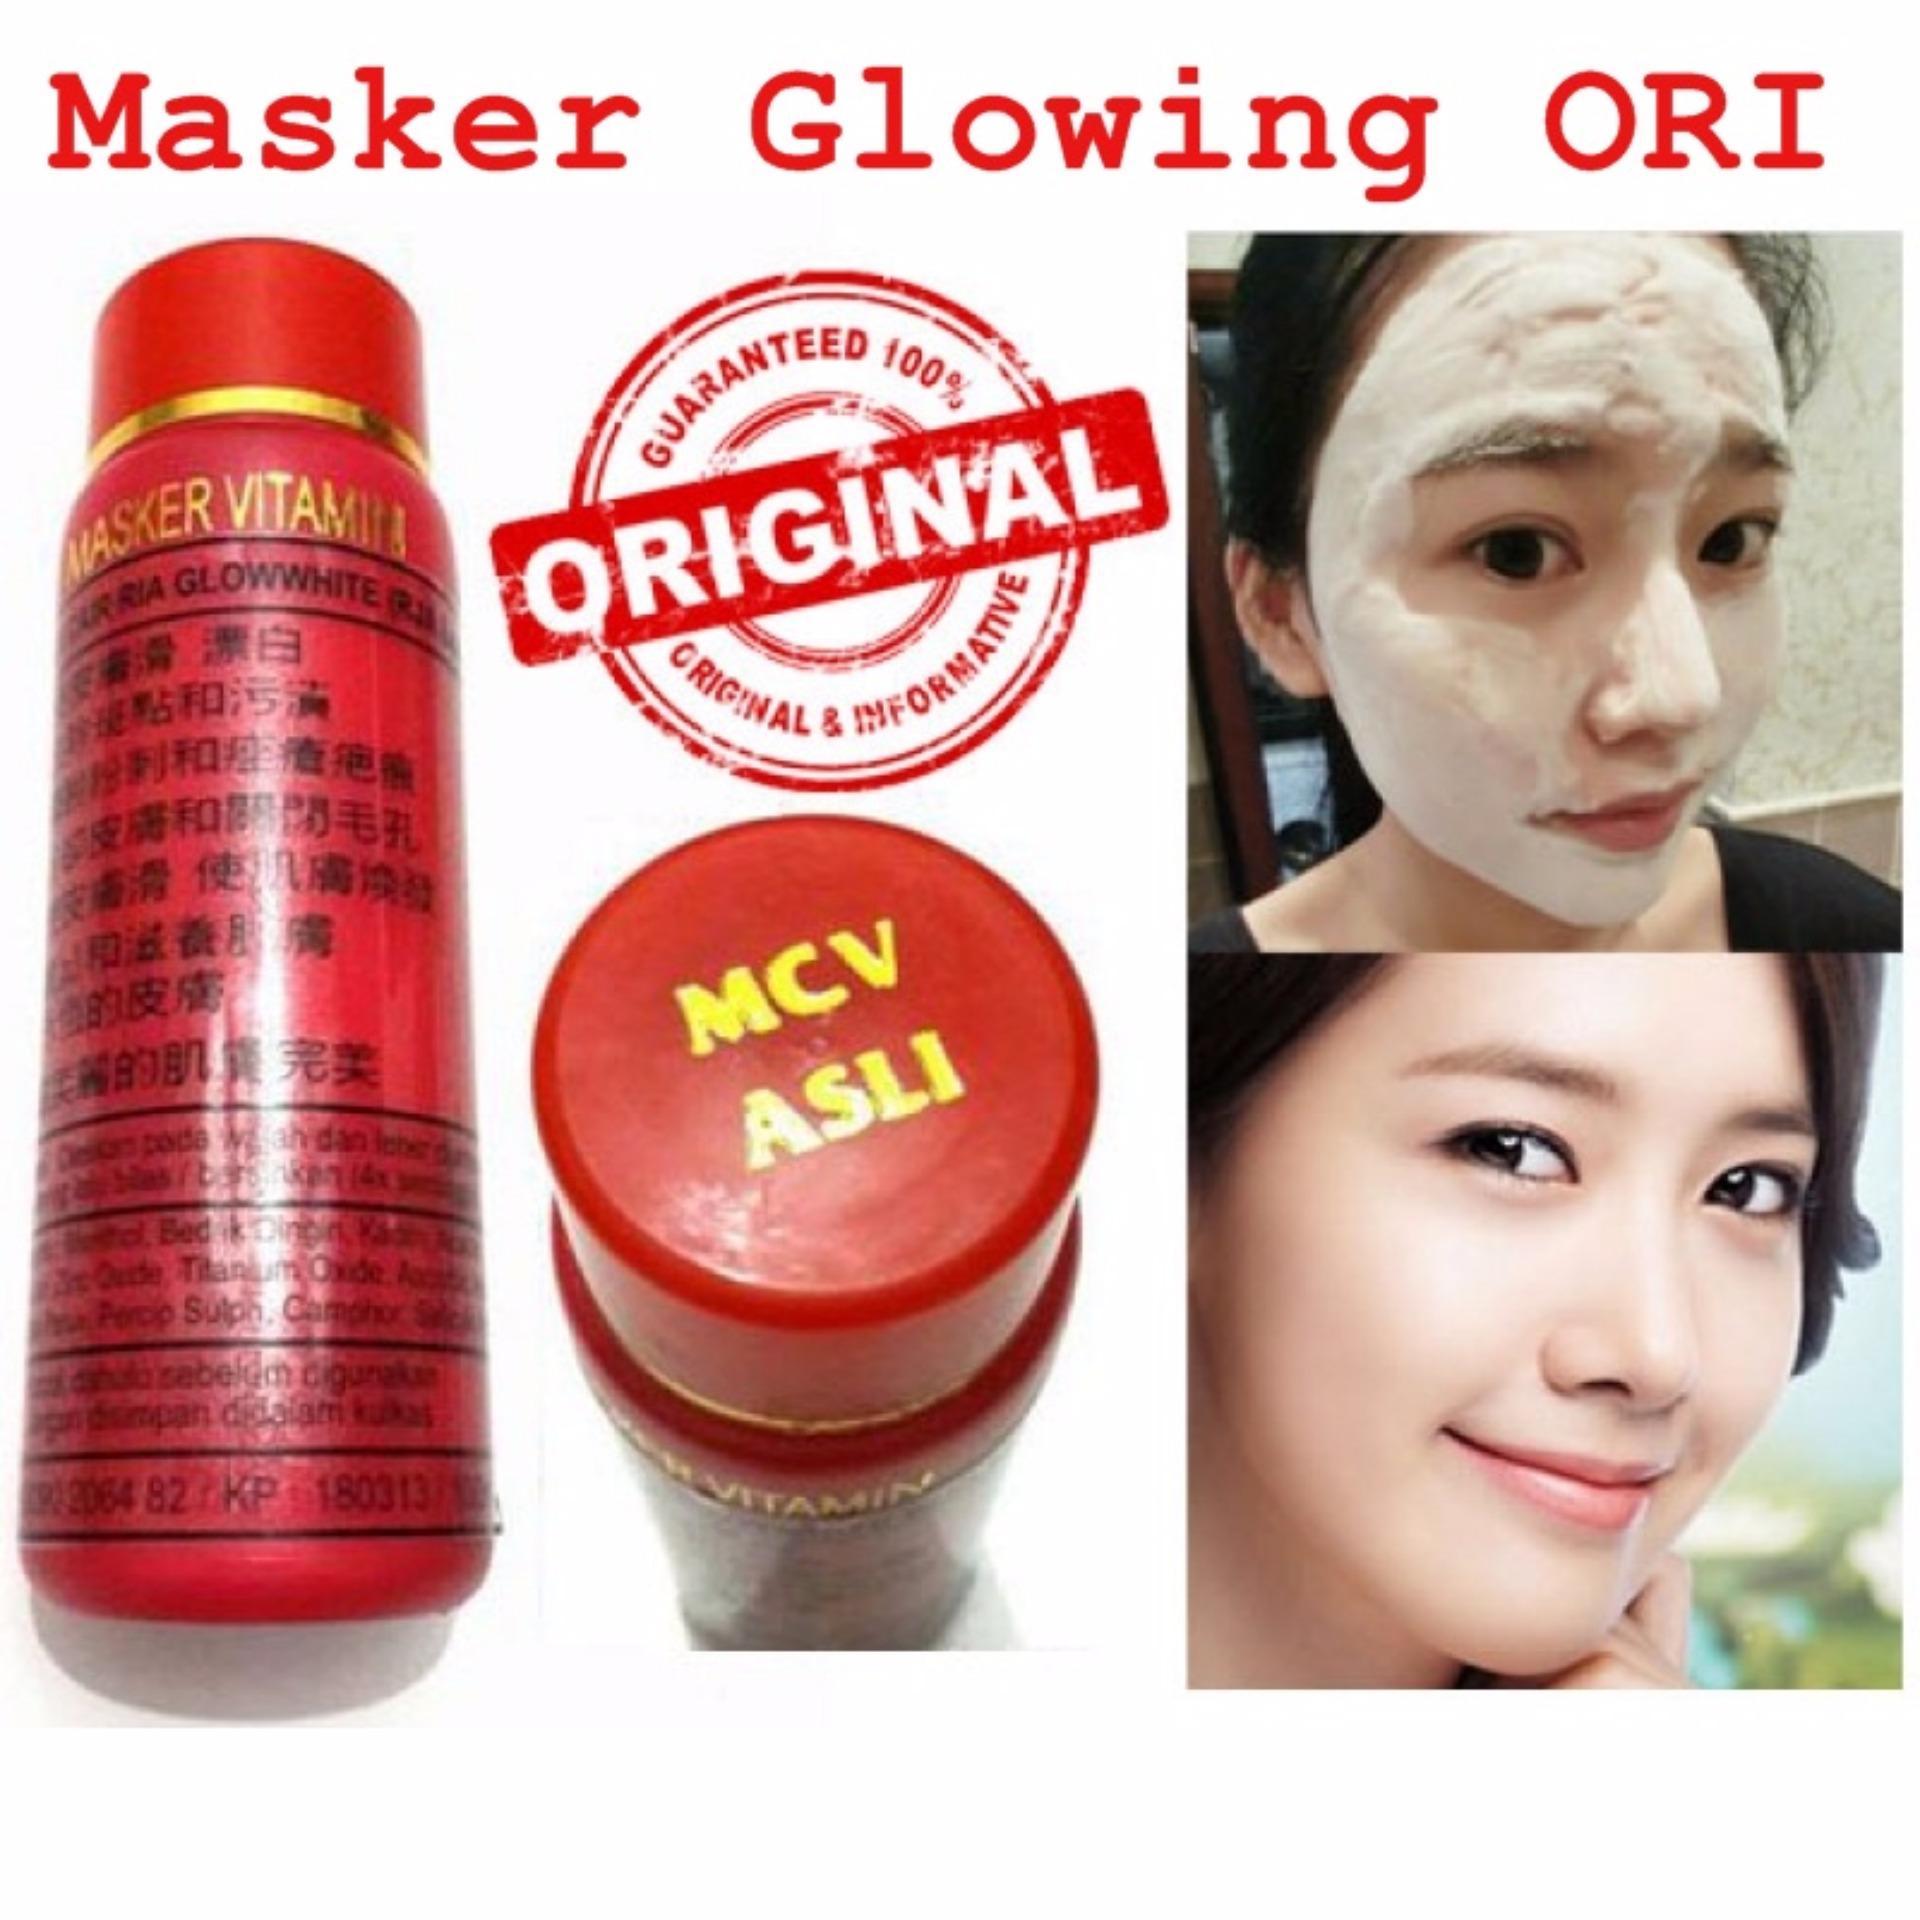 Home; Kesehatan & Kecantikan; Perawatan kulit. 2 Pcs - Masker Glowing